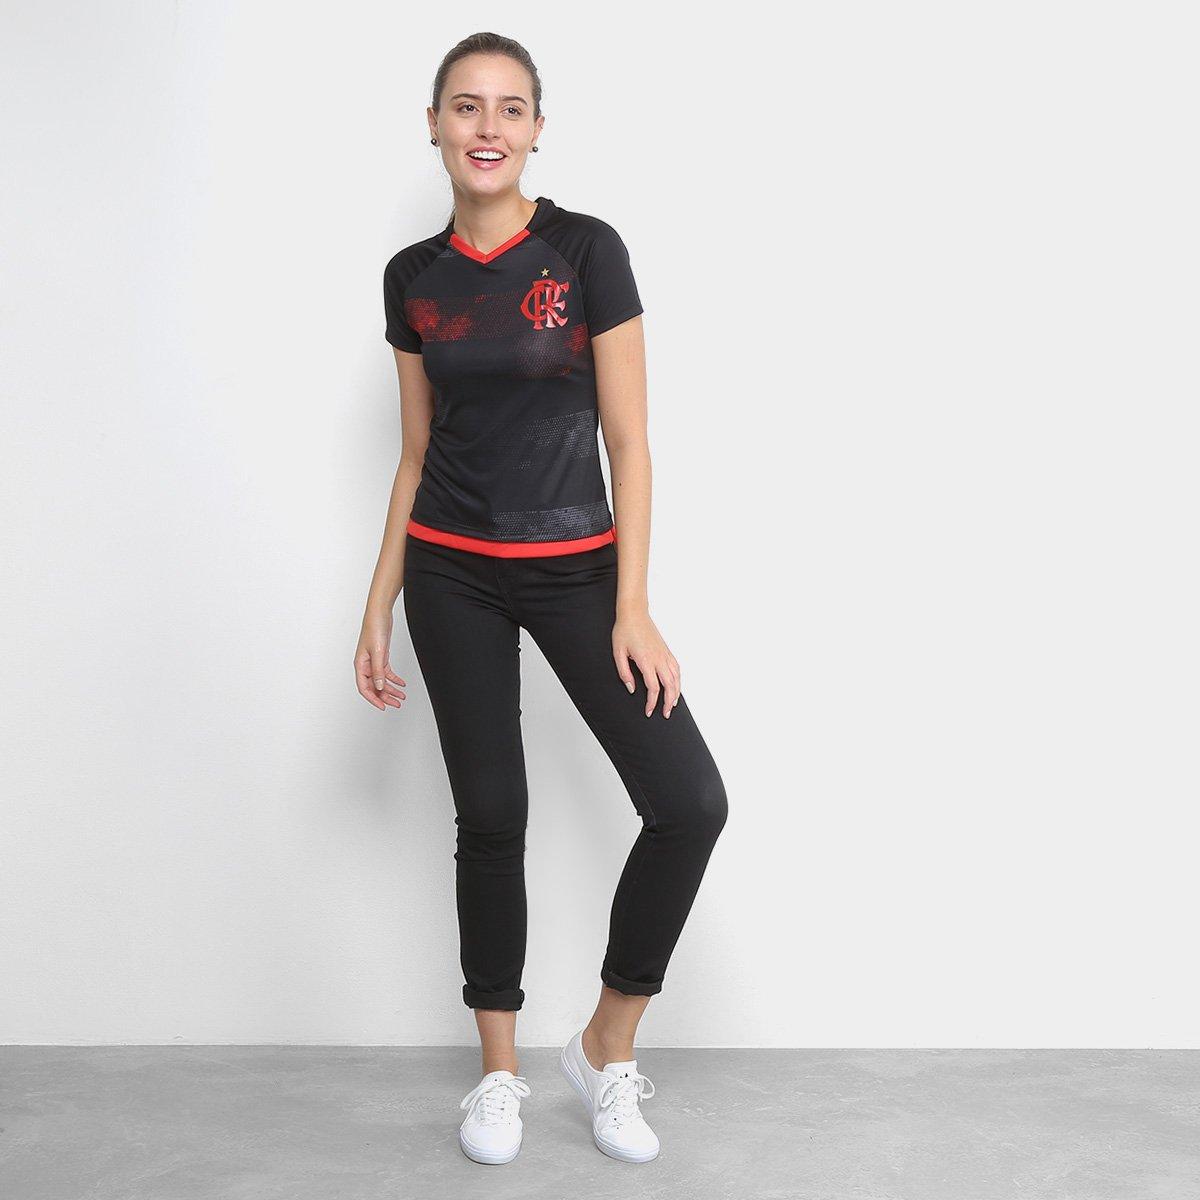 4e58ad18e8 Camiseta Flamengo Rally Feminina - Compre Agora